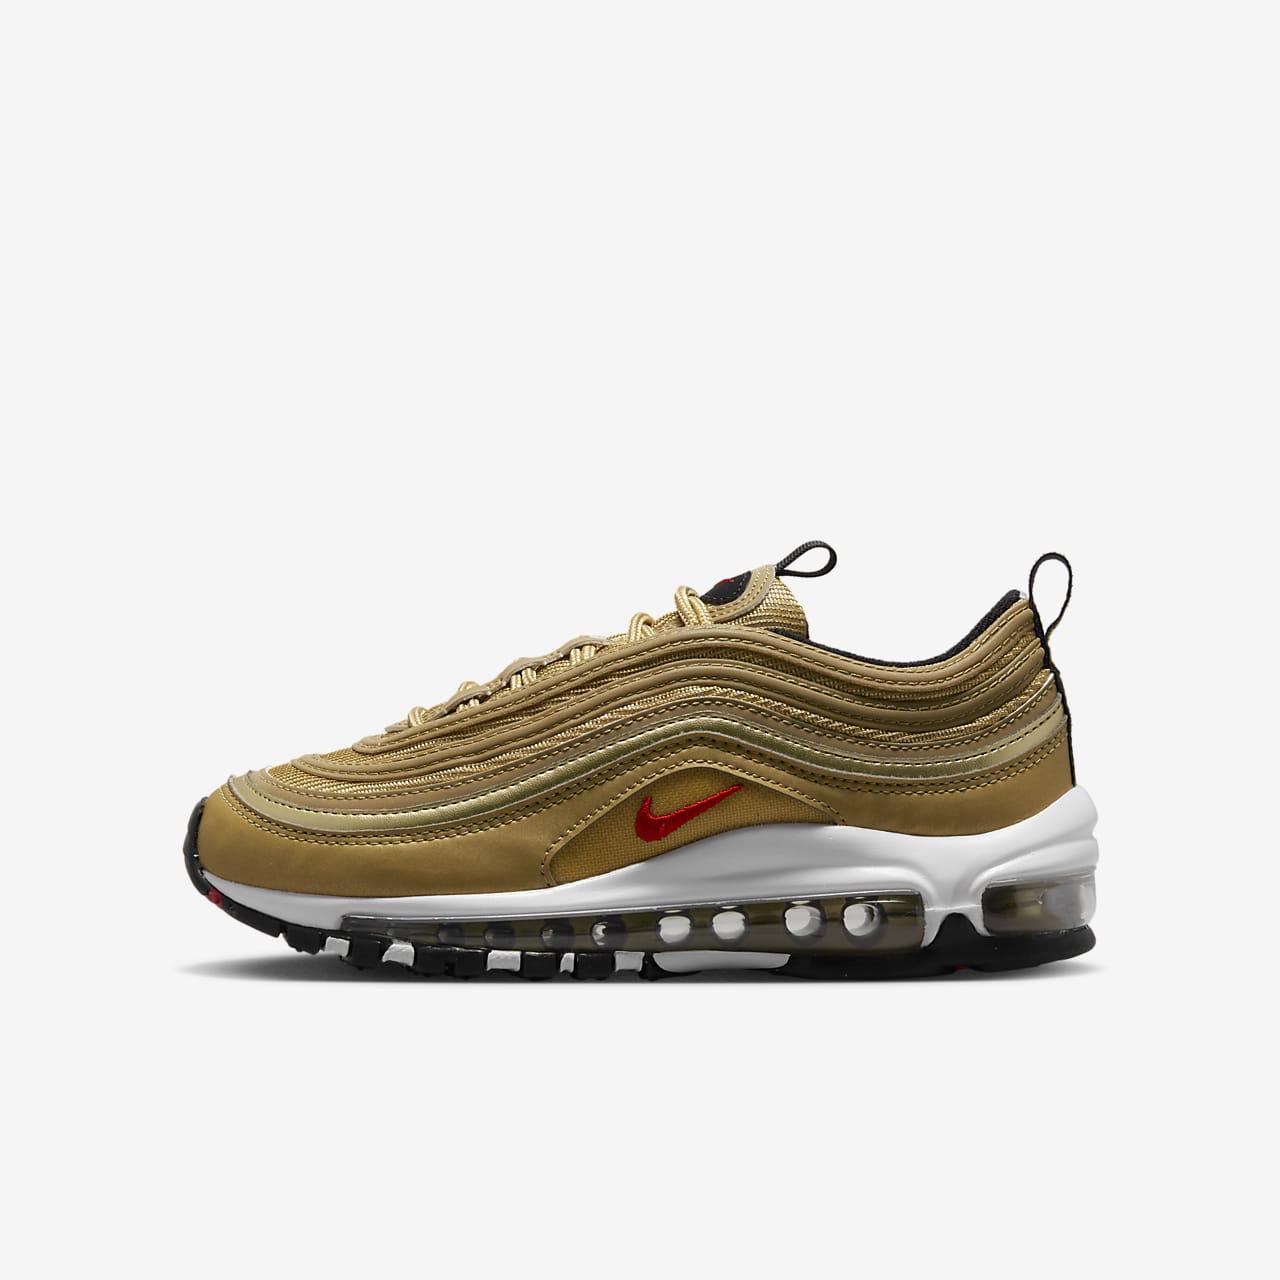 Nike Air Max 97 Infantil